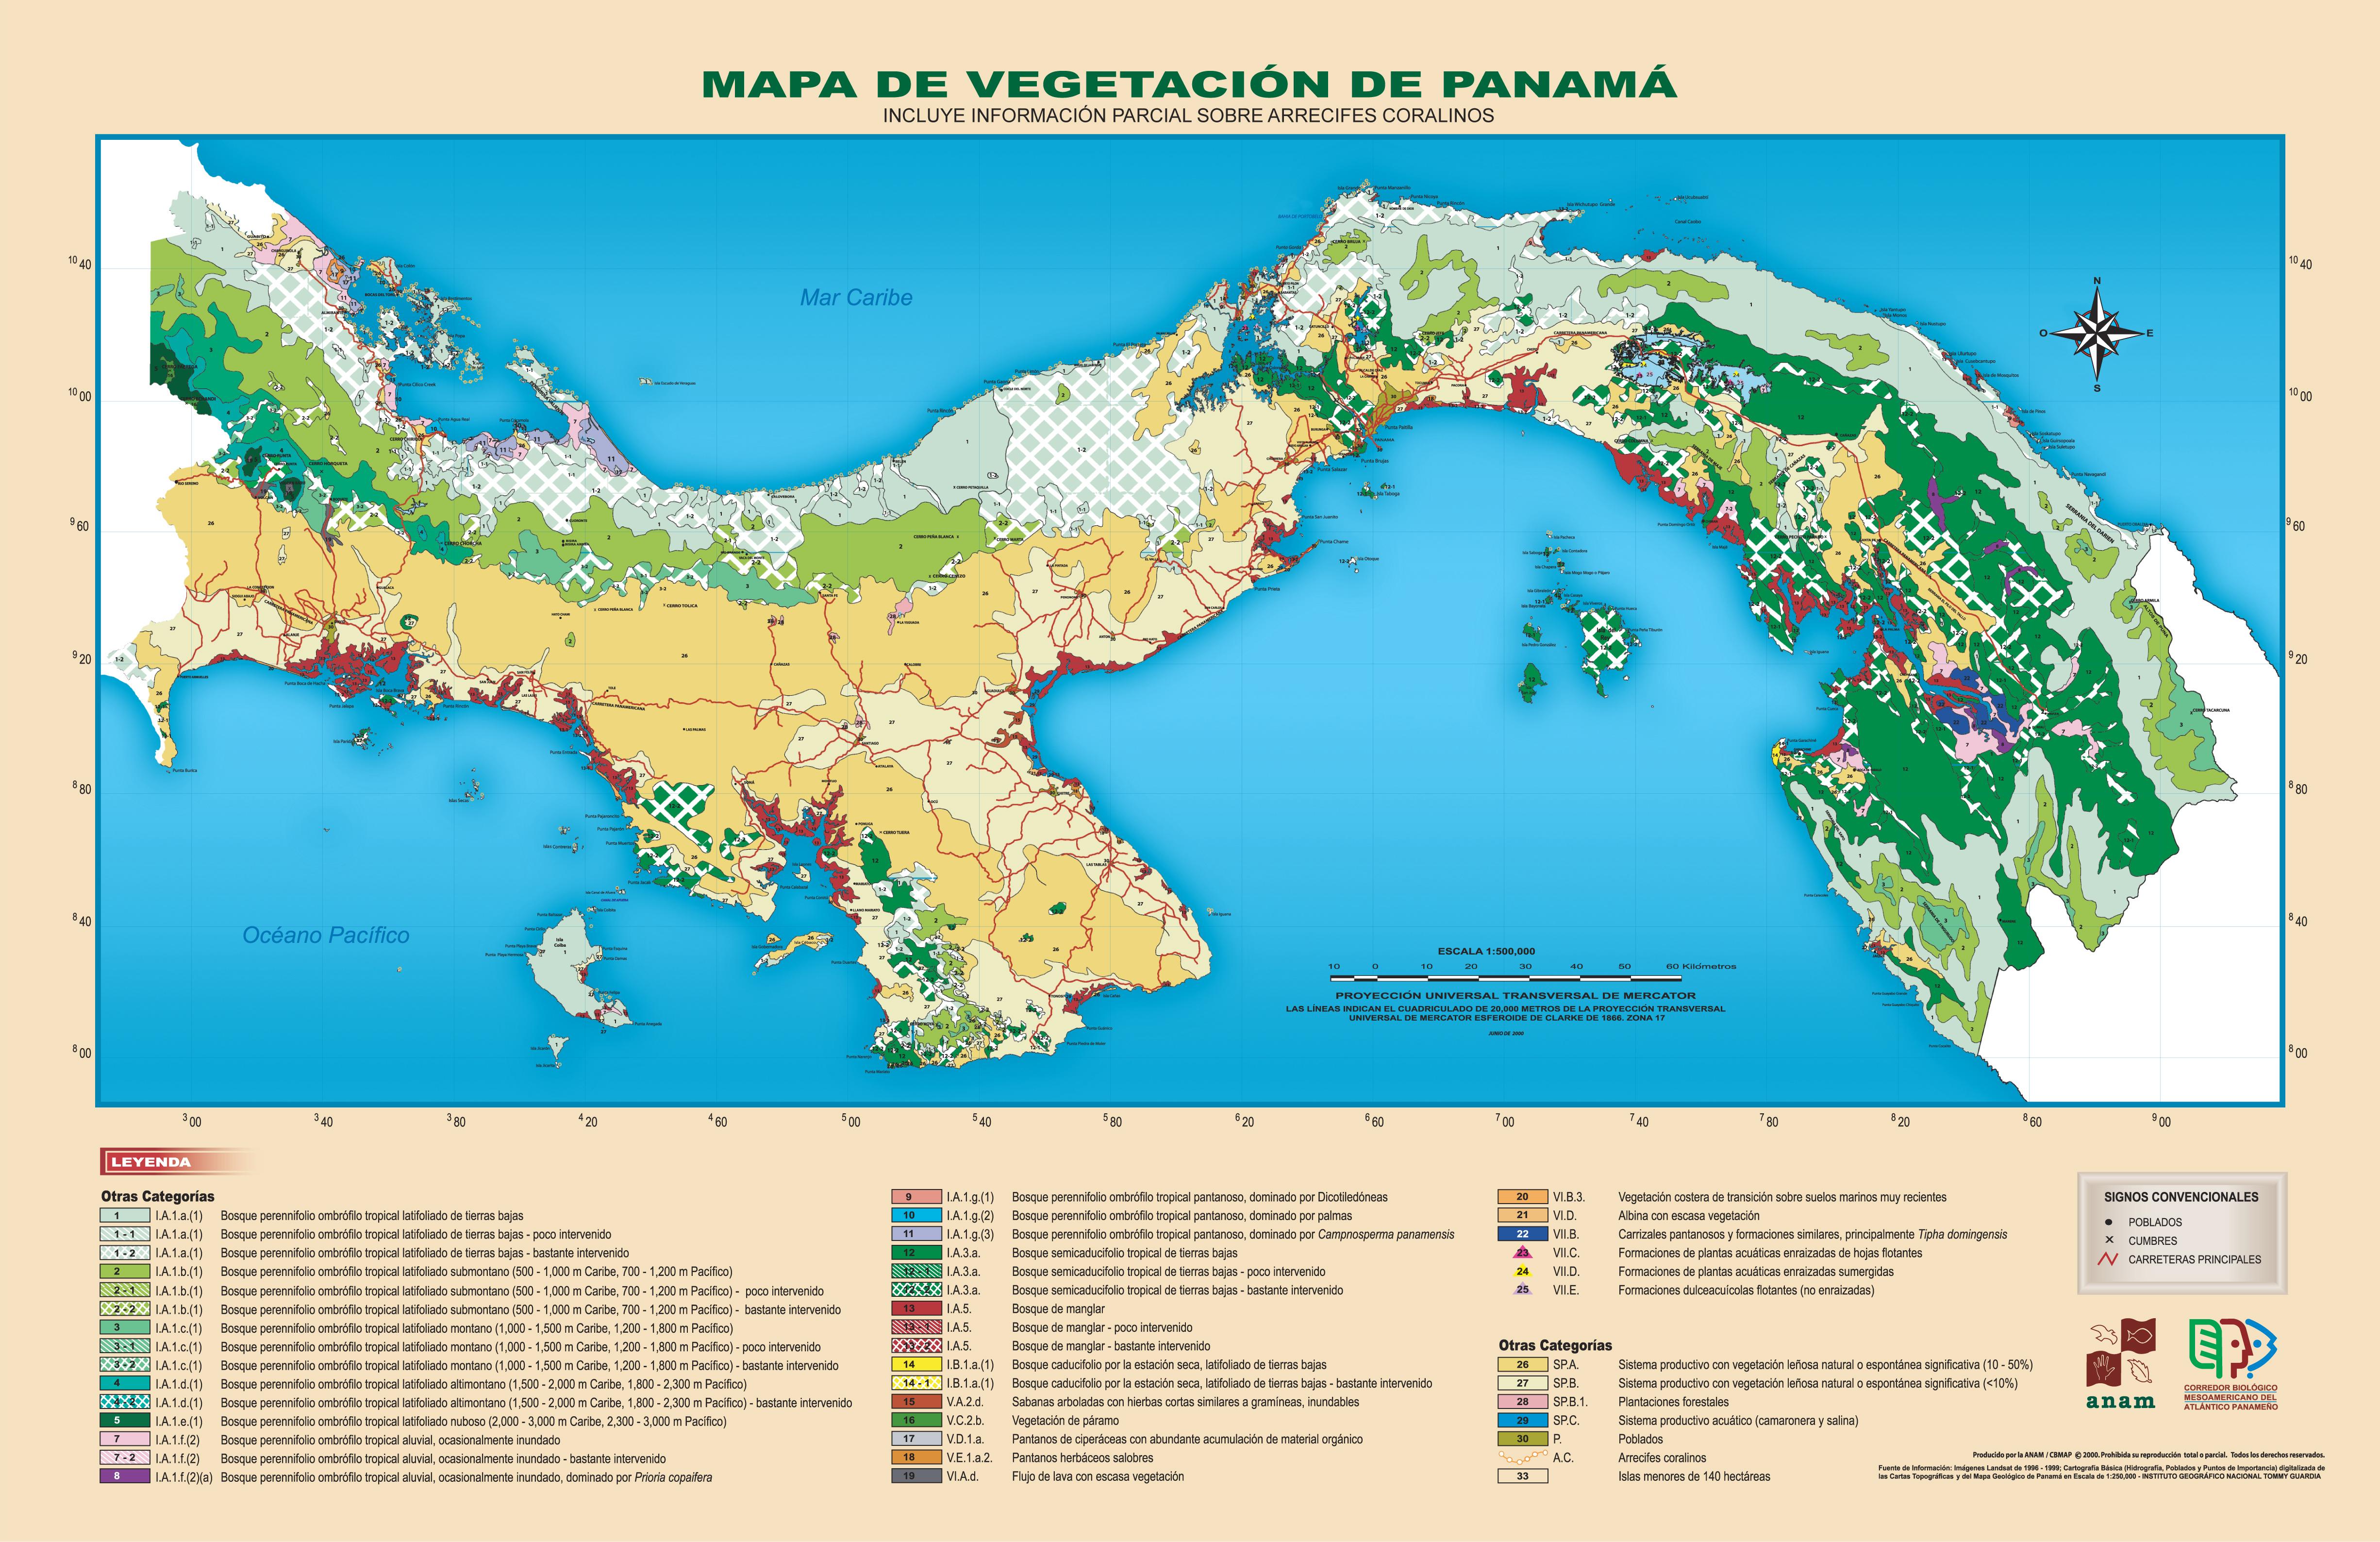 Mapa de vegetación de Panamá 2000